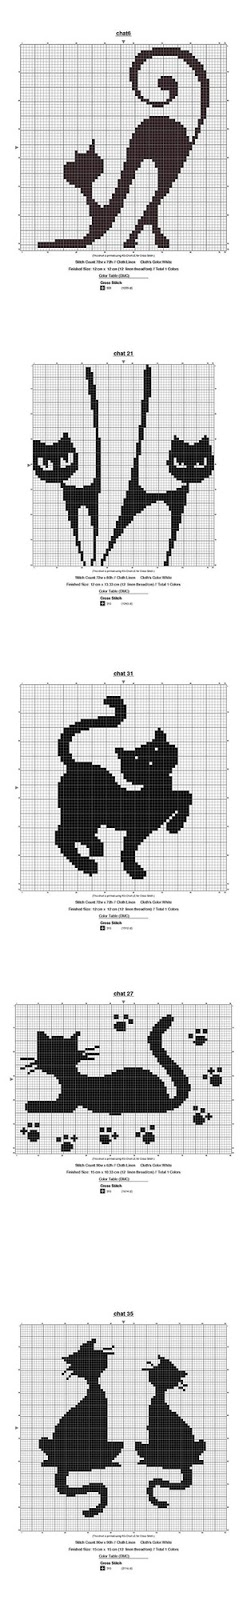 [siluetas+gatos+punto+de+cruz+monocromo++%2824%29%5B2%5D]